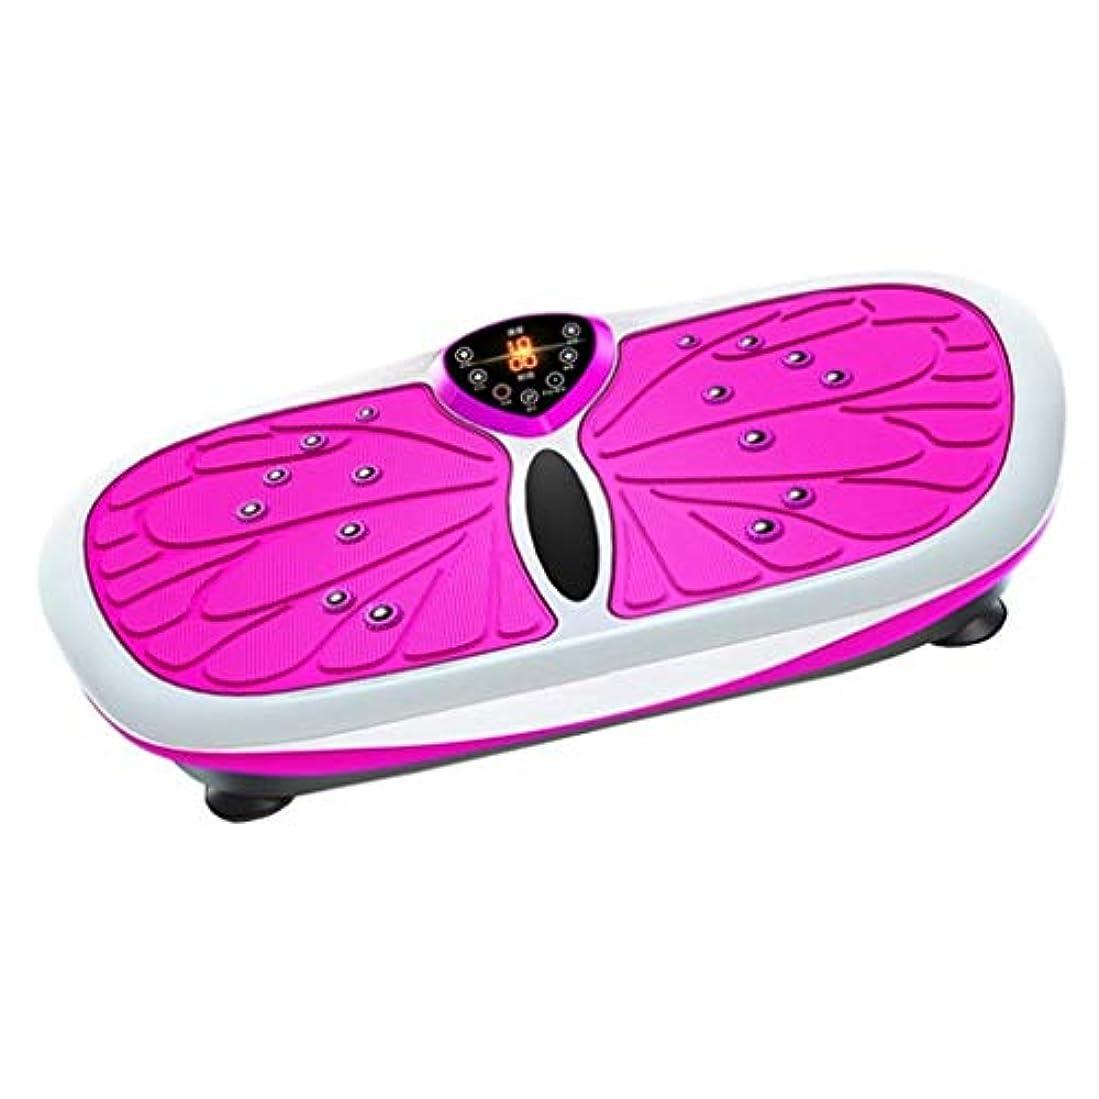 レルム擬人化矩形減量装置、サイレントモーター振動プレート-ジム自宅での体重減少のための99レベルの3D振動トレーナー磁気療法マッサージ (Color : ピンク)